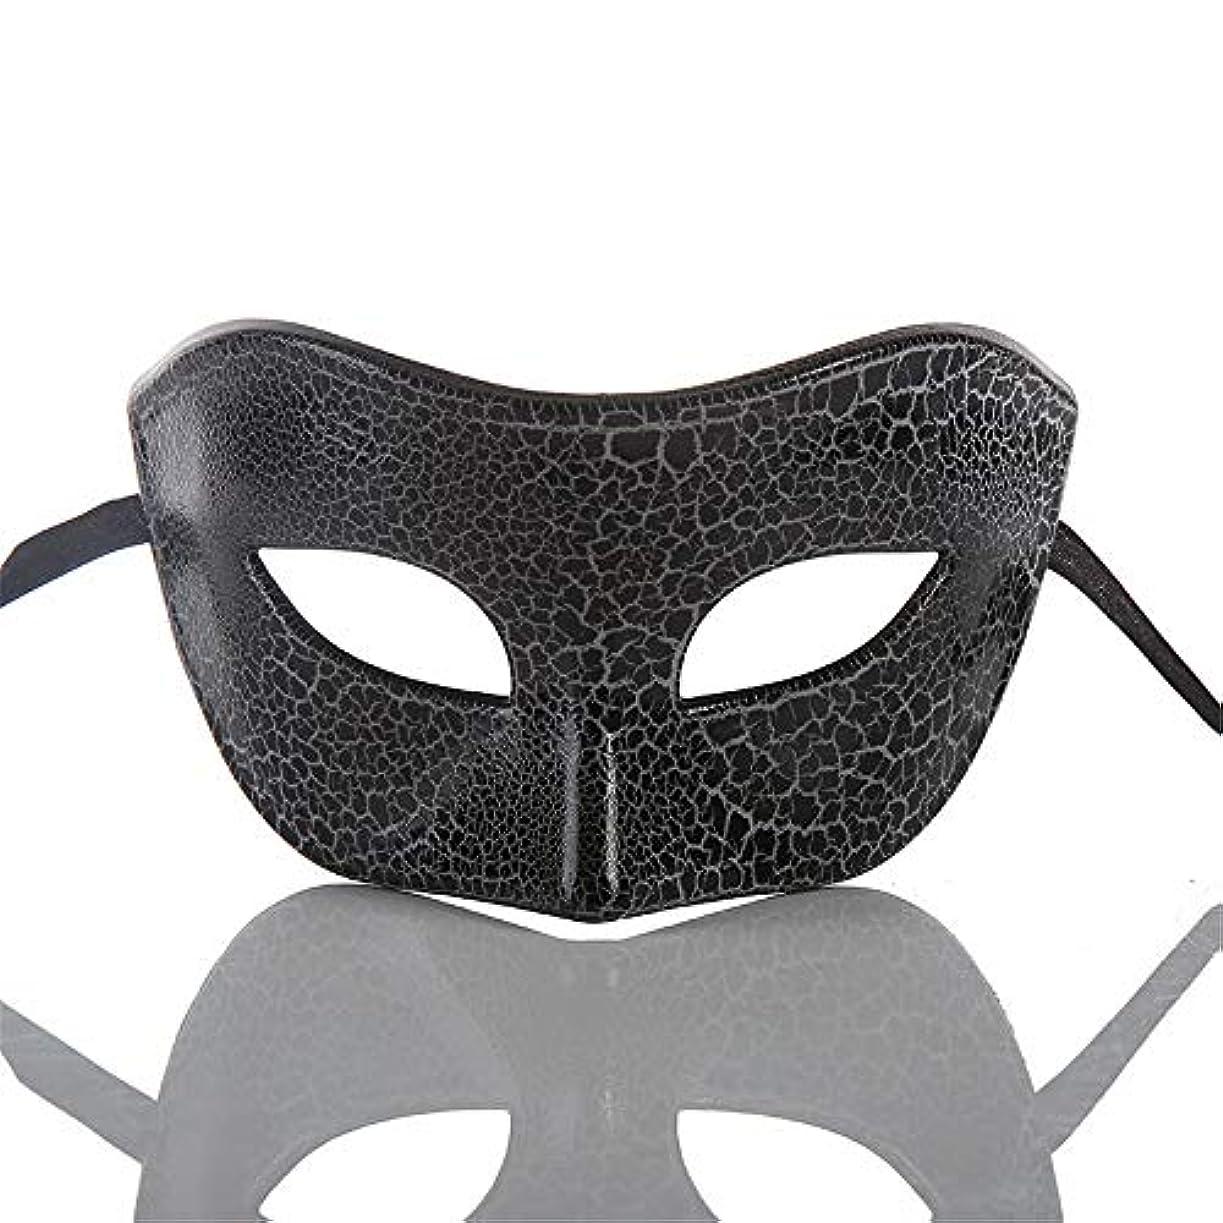 逸話夫割り当てるダンスマスク ハーフマスク新しいハロウィーンマスク仮装レトロコスプレメイクナイトクラブマスク雰囲気クリスマスお祝いプラスチックマスク ホリデーパーティー用品 (色 : ブラック, サイズ : 16.5x8cm)